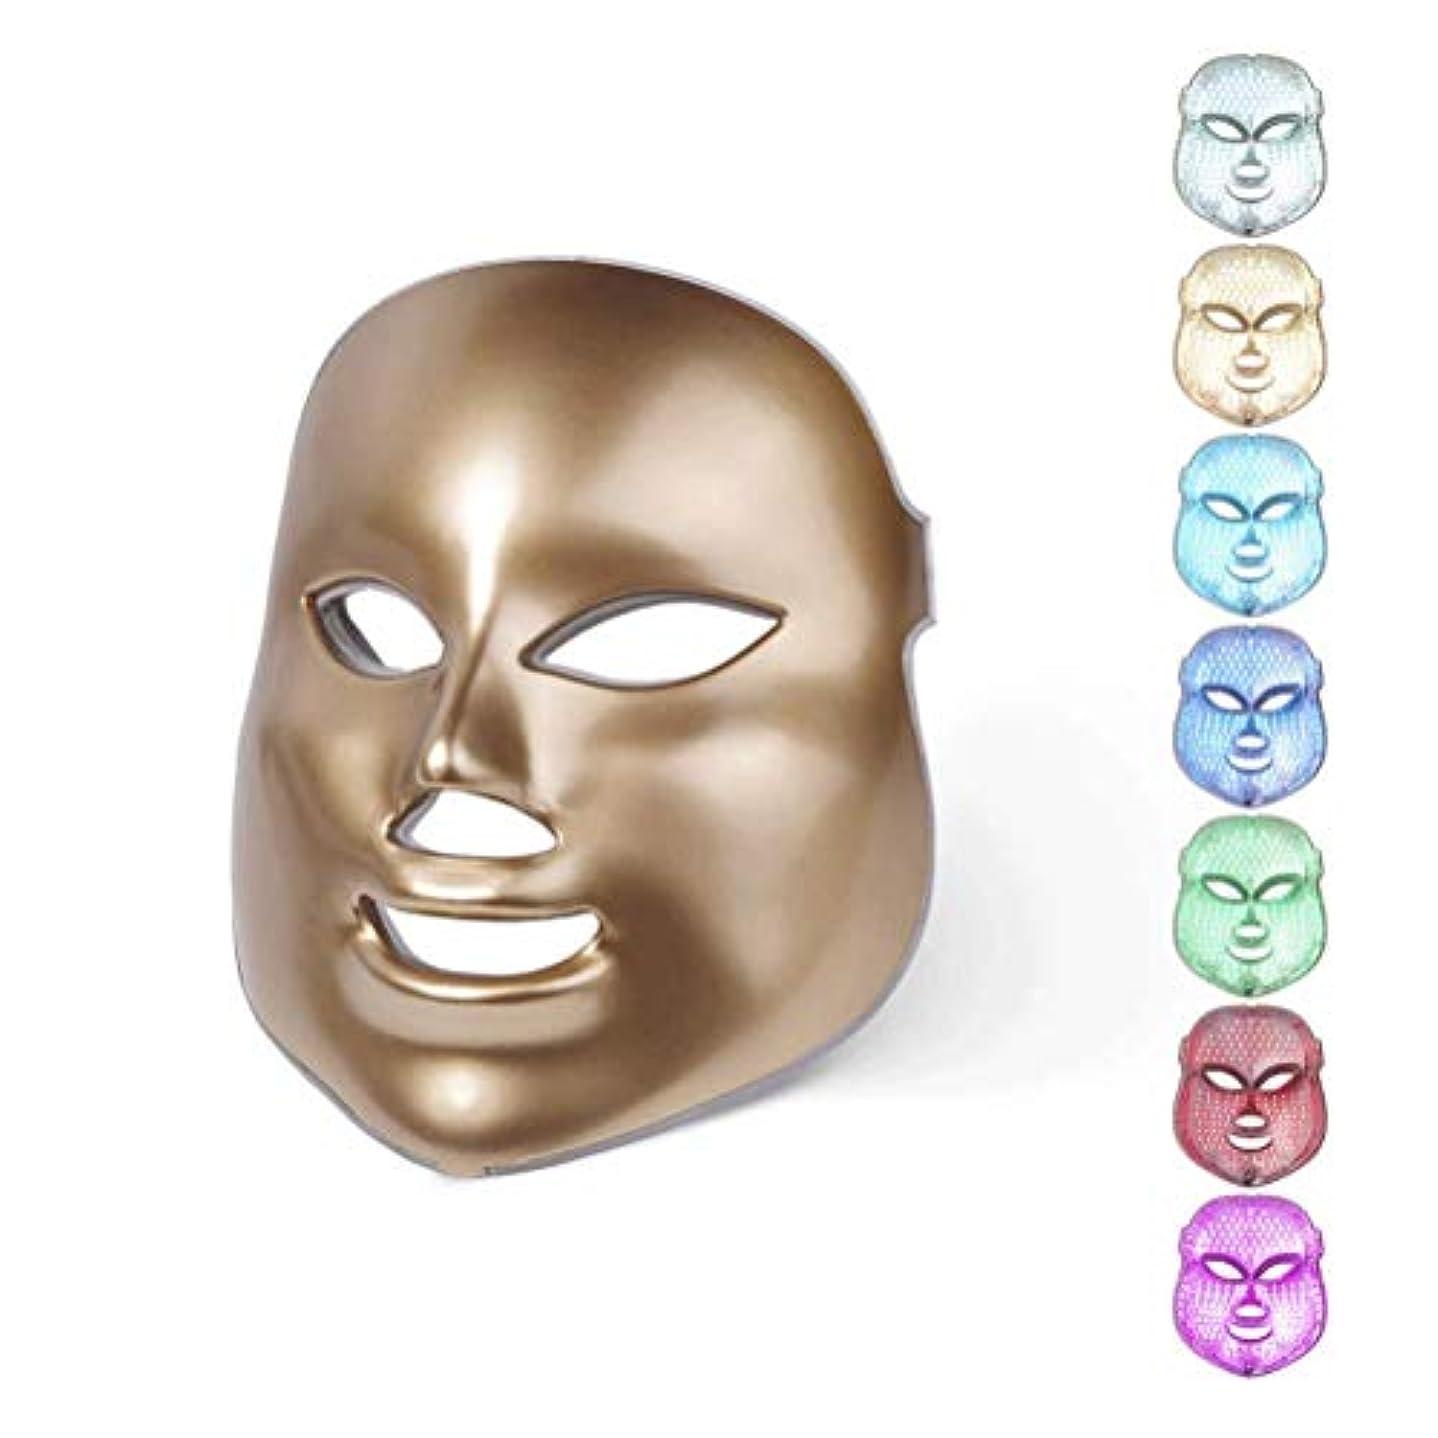 砦ドックエスカレート7カラーライトセラピーフェイスマスクは、LEDライトフェイスフォトンは、にきび削減リンクル肌の若返りのために毛穴スキンケアセラピー?フェイシャル美容サロンPDT技術を締めマスク